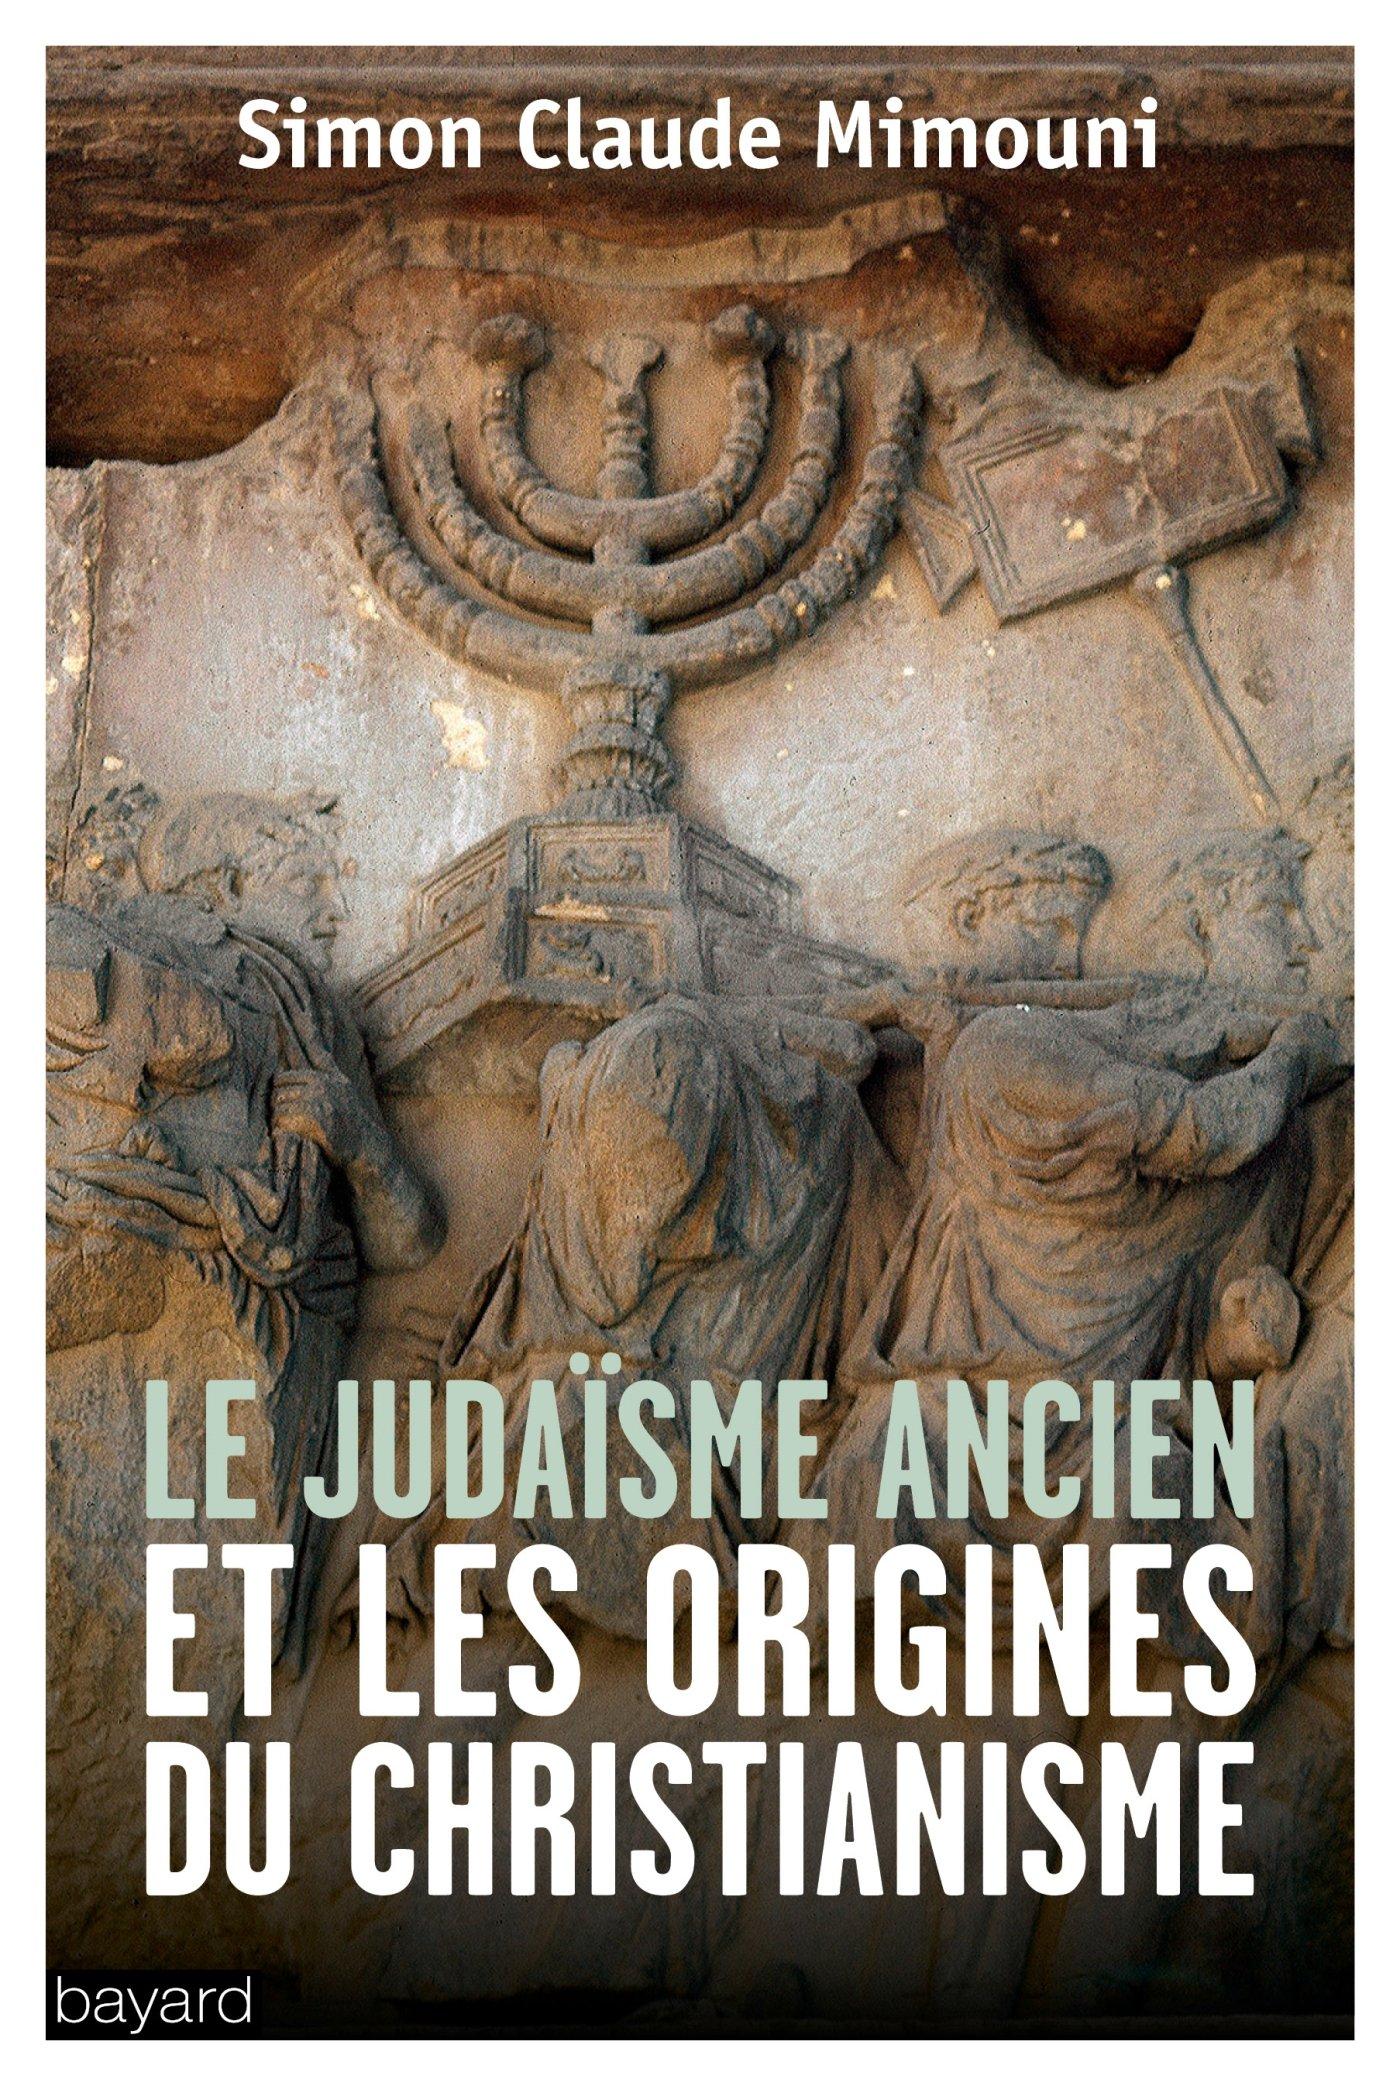 Le judaïsme ancien et les origines du christianisme (Histoire des religions)